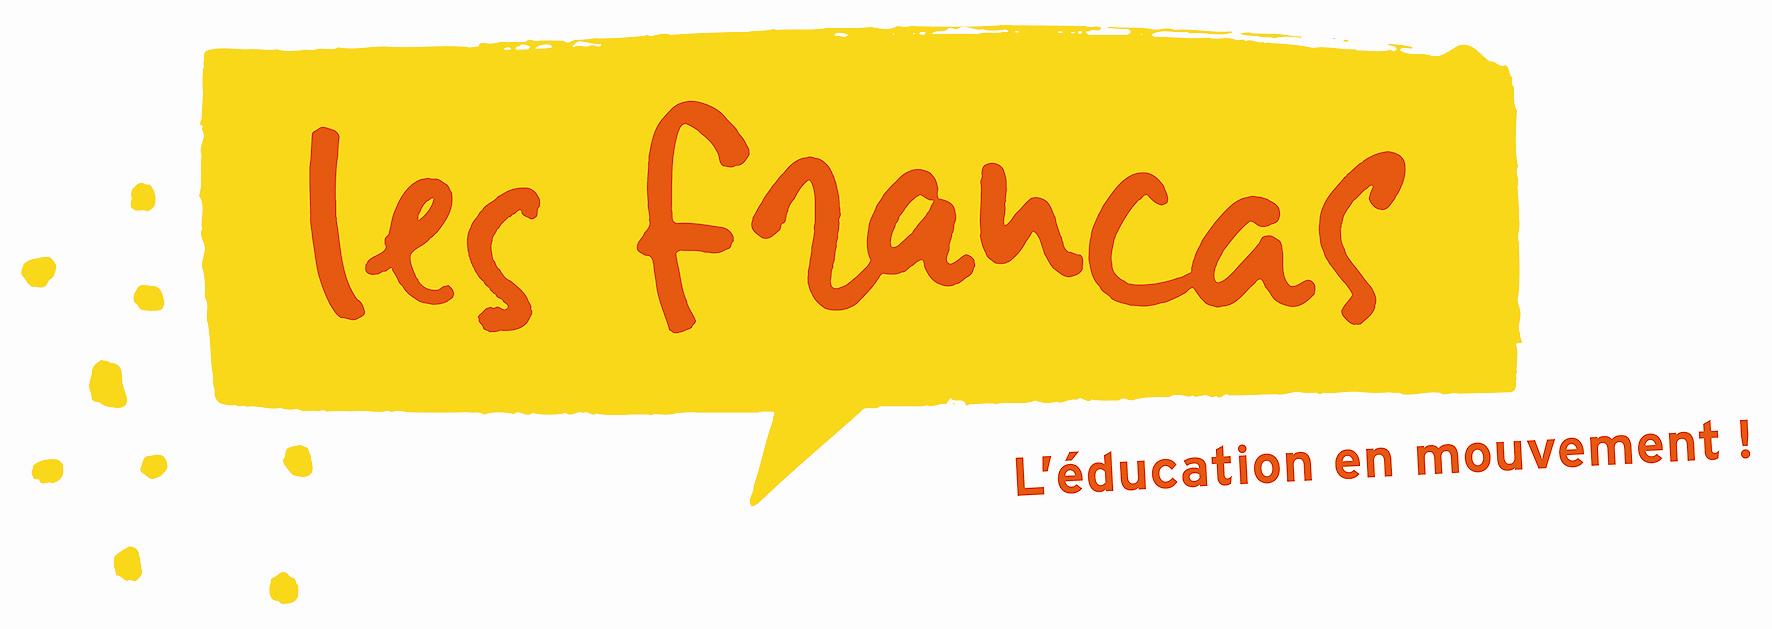 Communiqué de la Fédération Francas